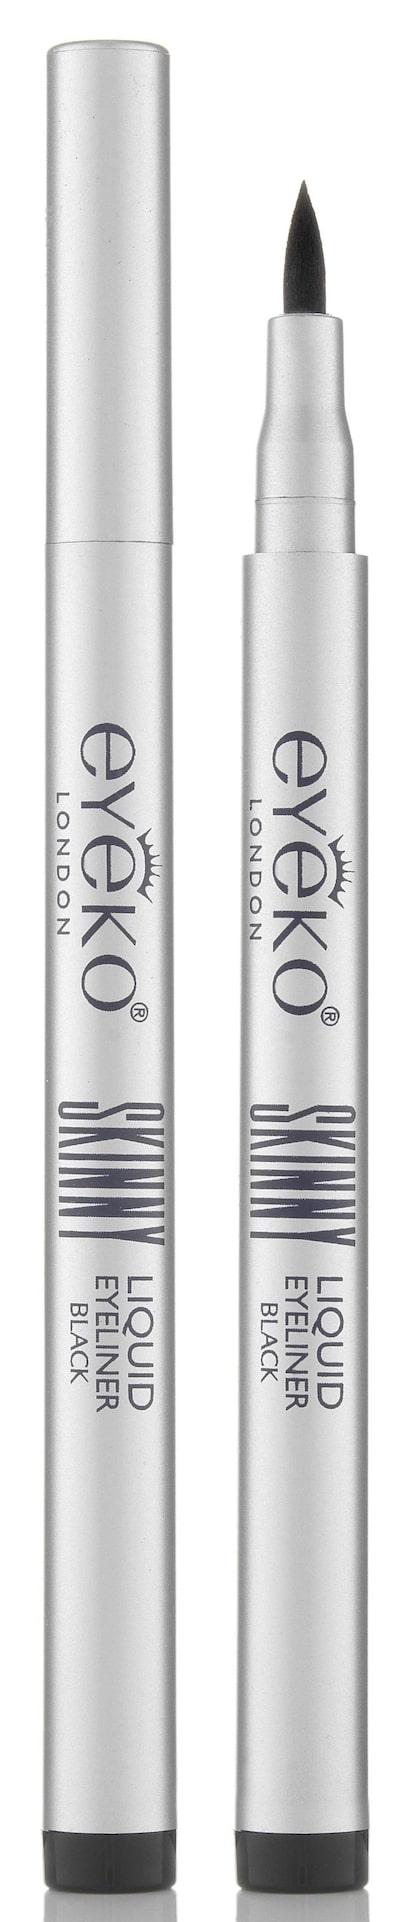 Eyeliner från Eyeko, smular och kladdar inte, håller i upp till 12 timmar. Eyeko Skinny Liquid Eyeliner, 119 kronor, Kicks.se.